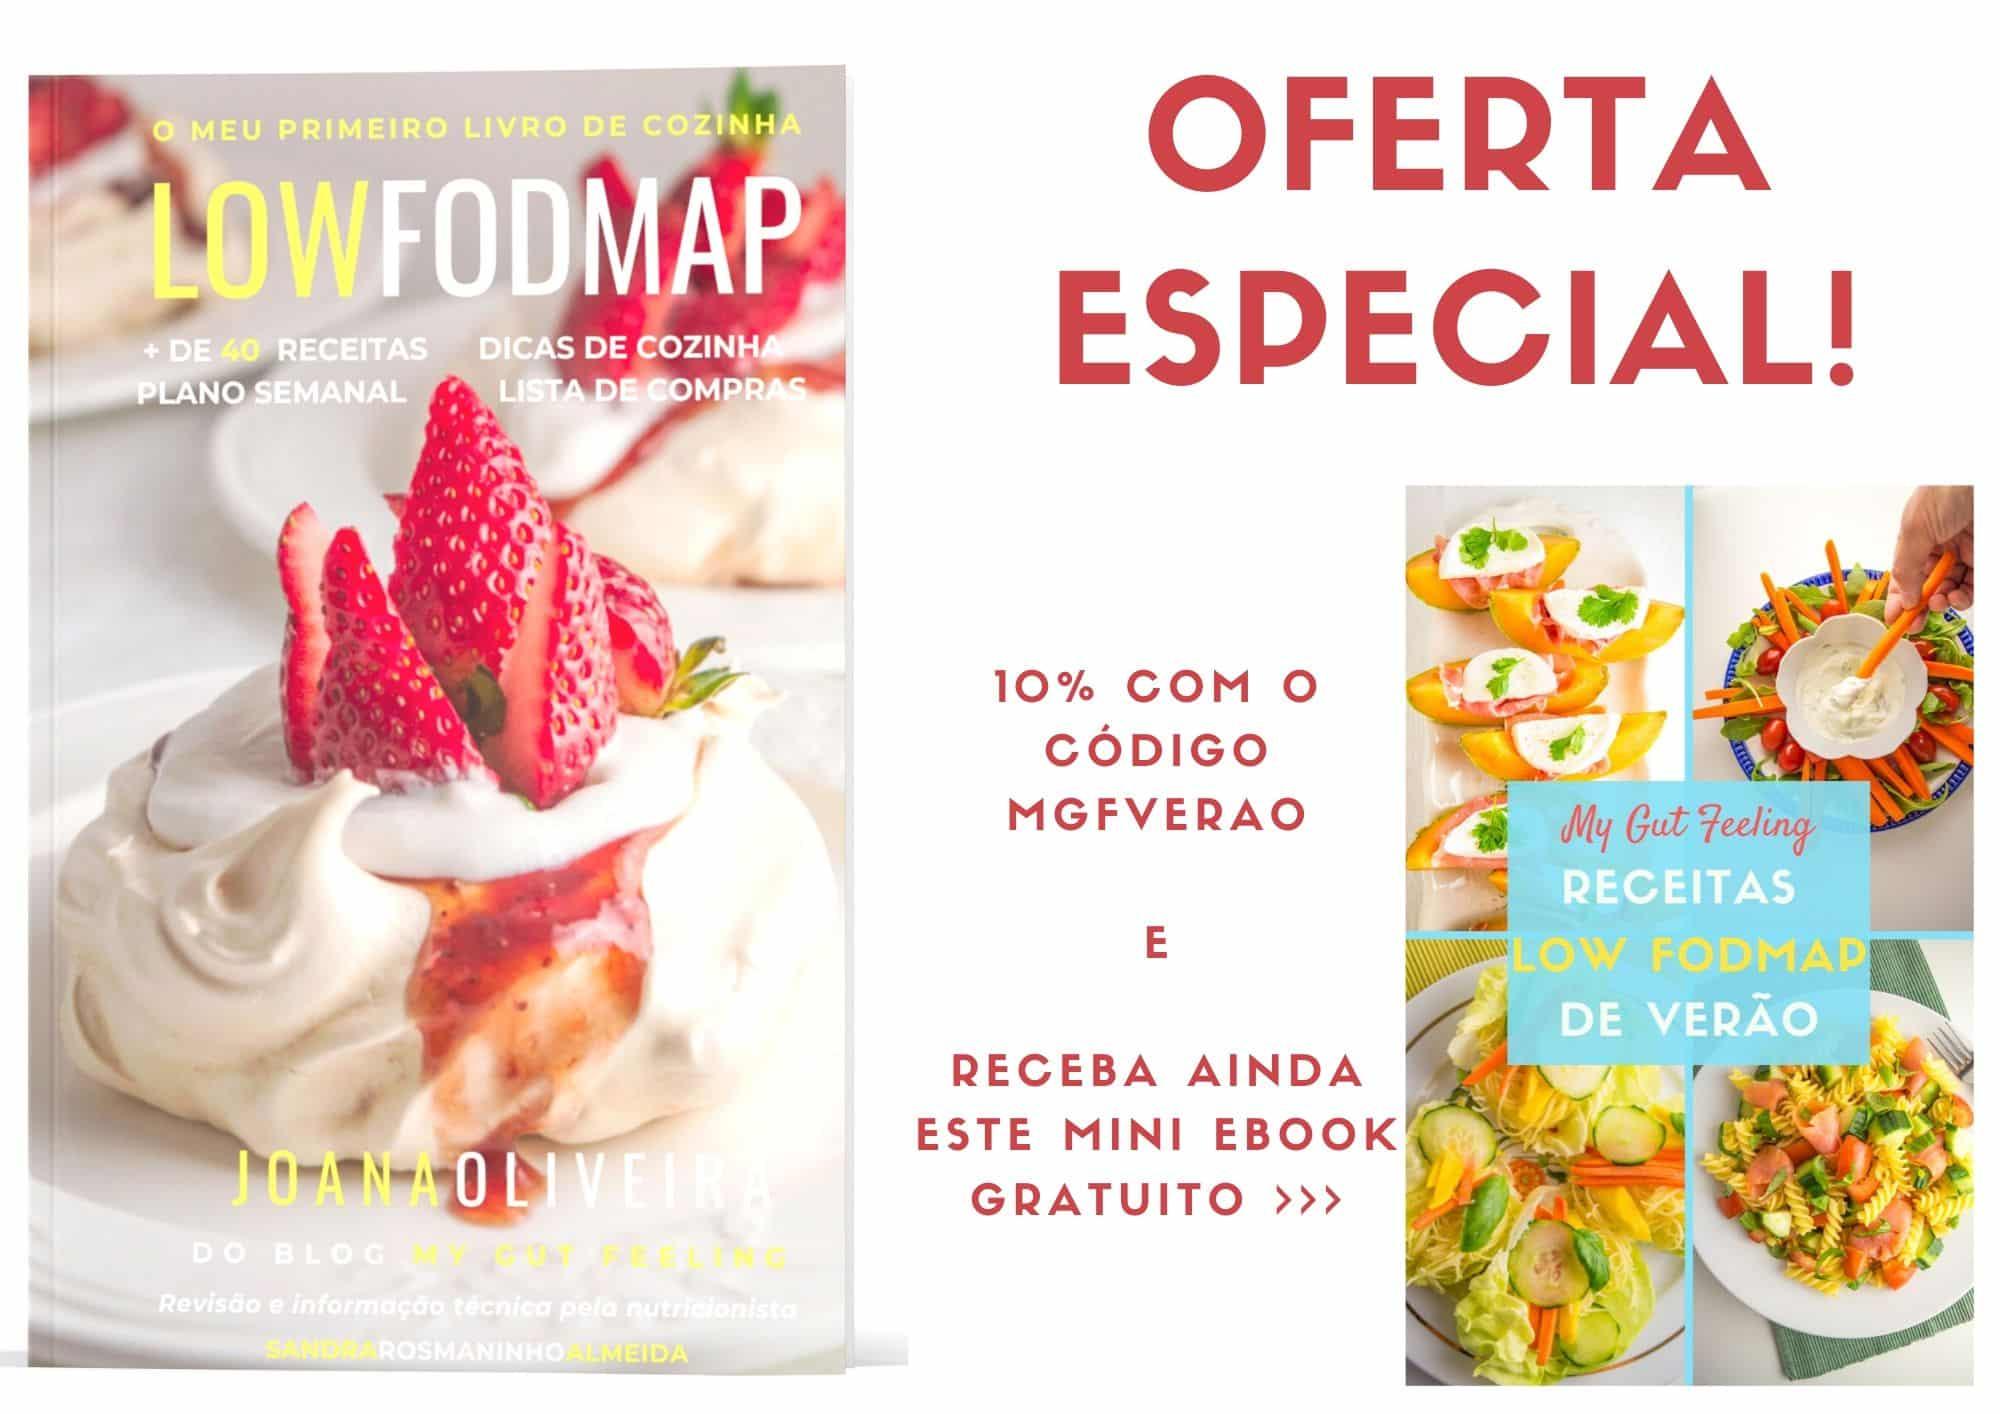 oferta especial compre o meu primeiro livro de cozinha low fodmap e receba um livro de receitas de verão